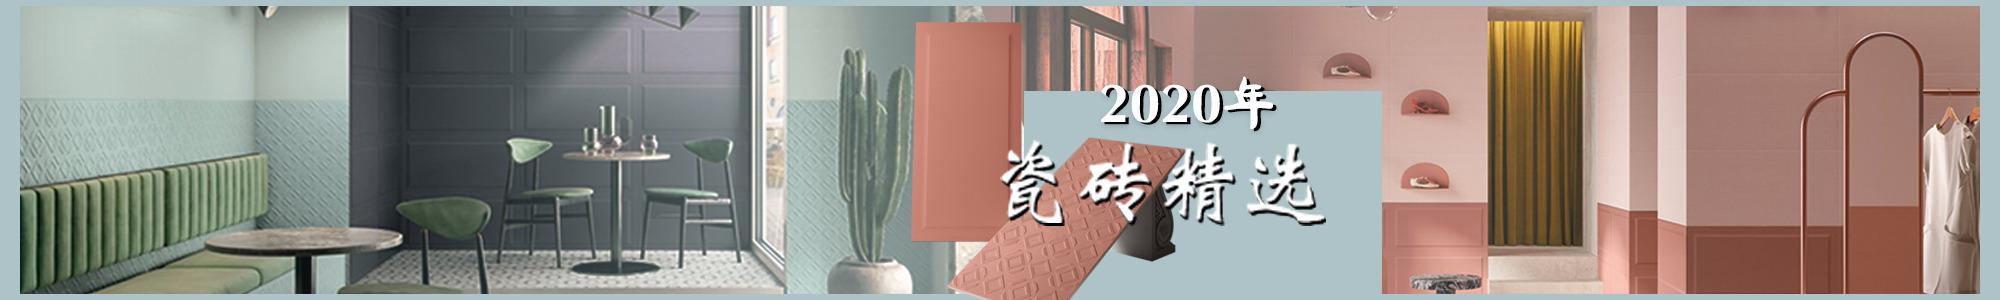 2020年 瓷砖精选